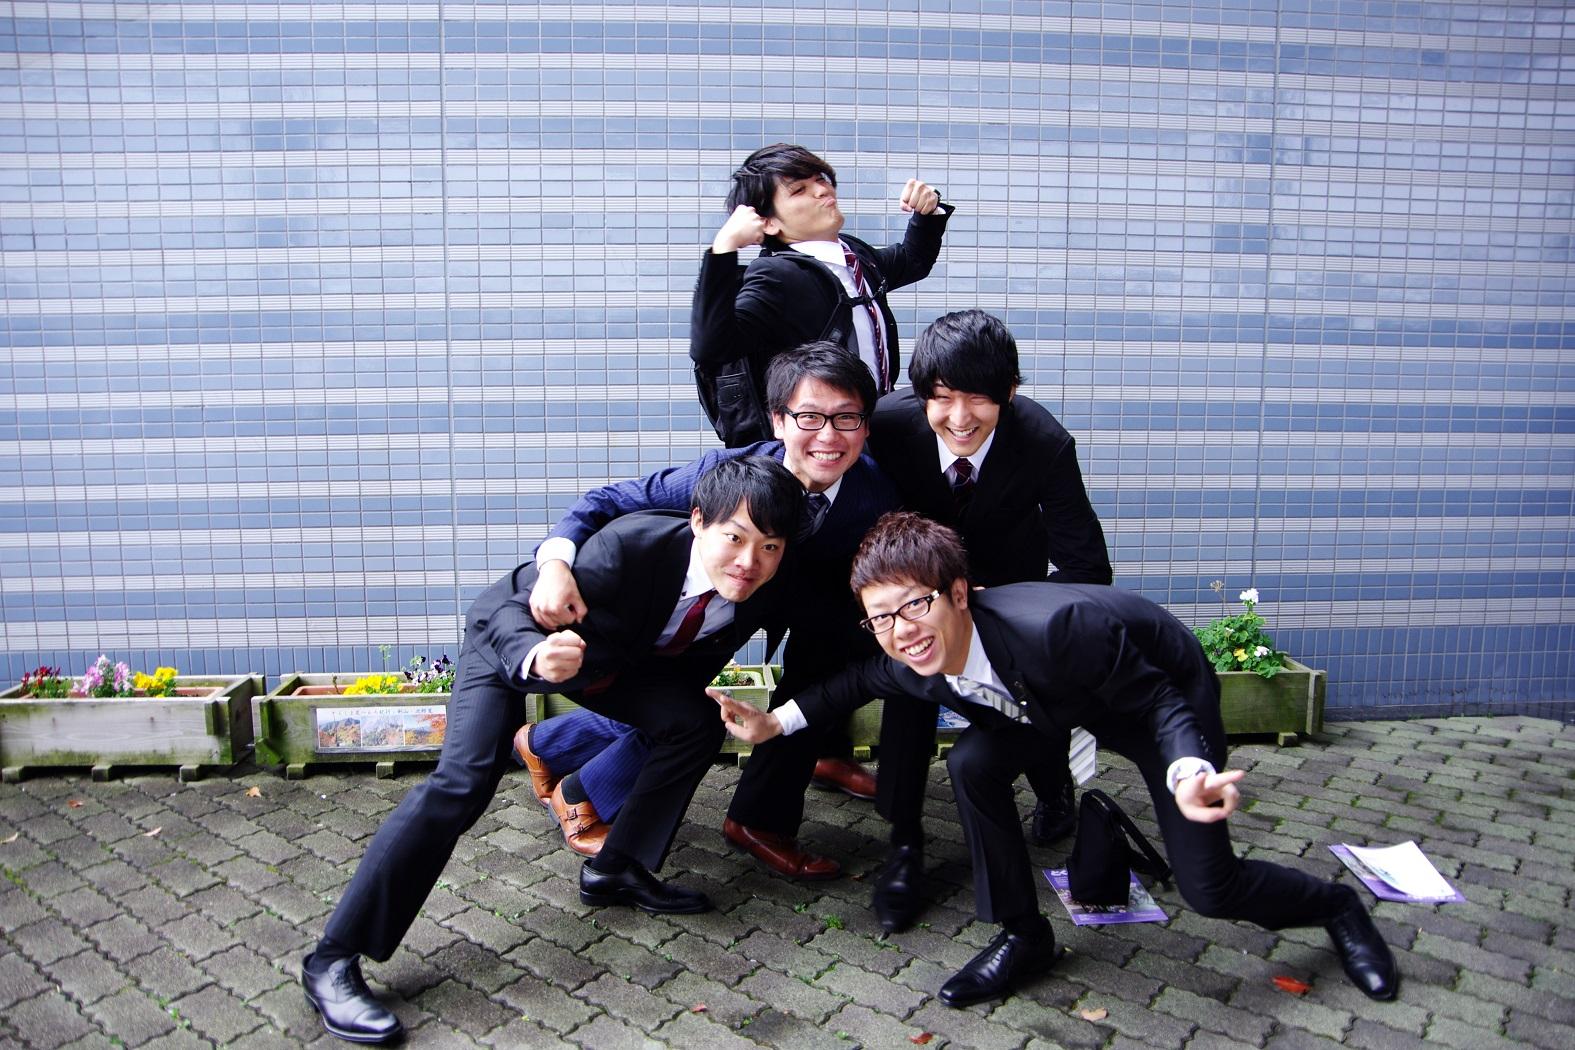 入学おめでとう!徳島大学の入学式に(申請して)潜入してきました